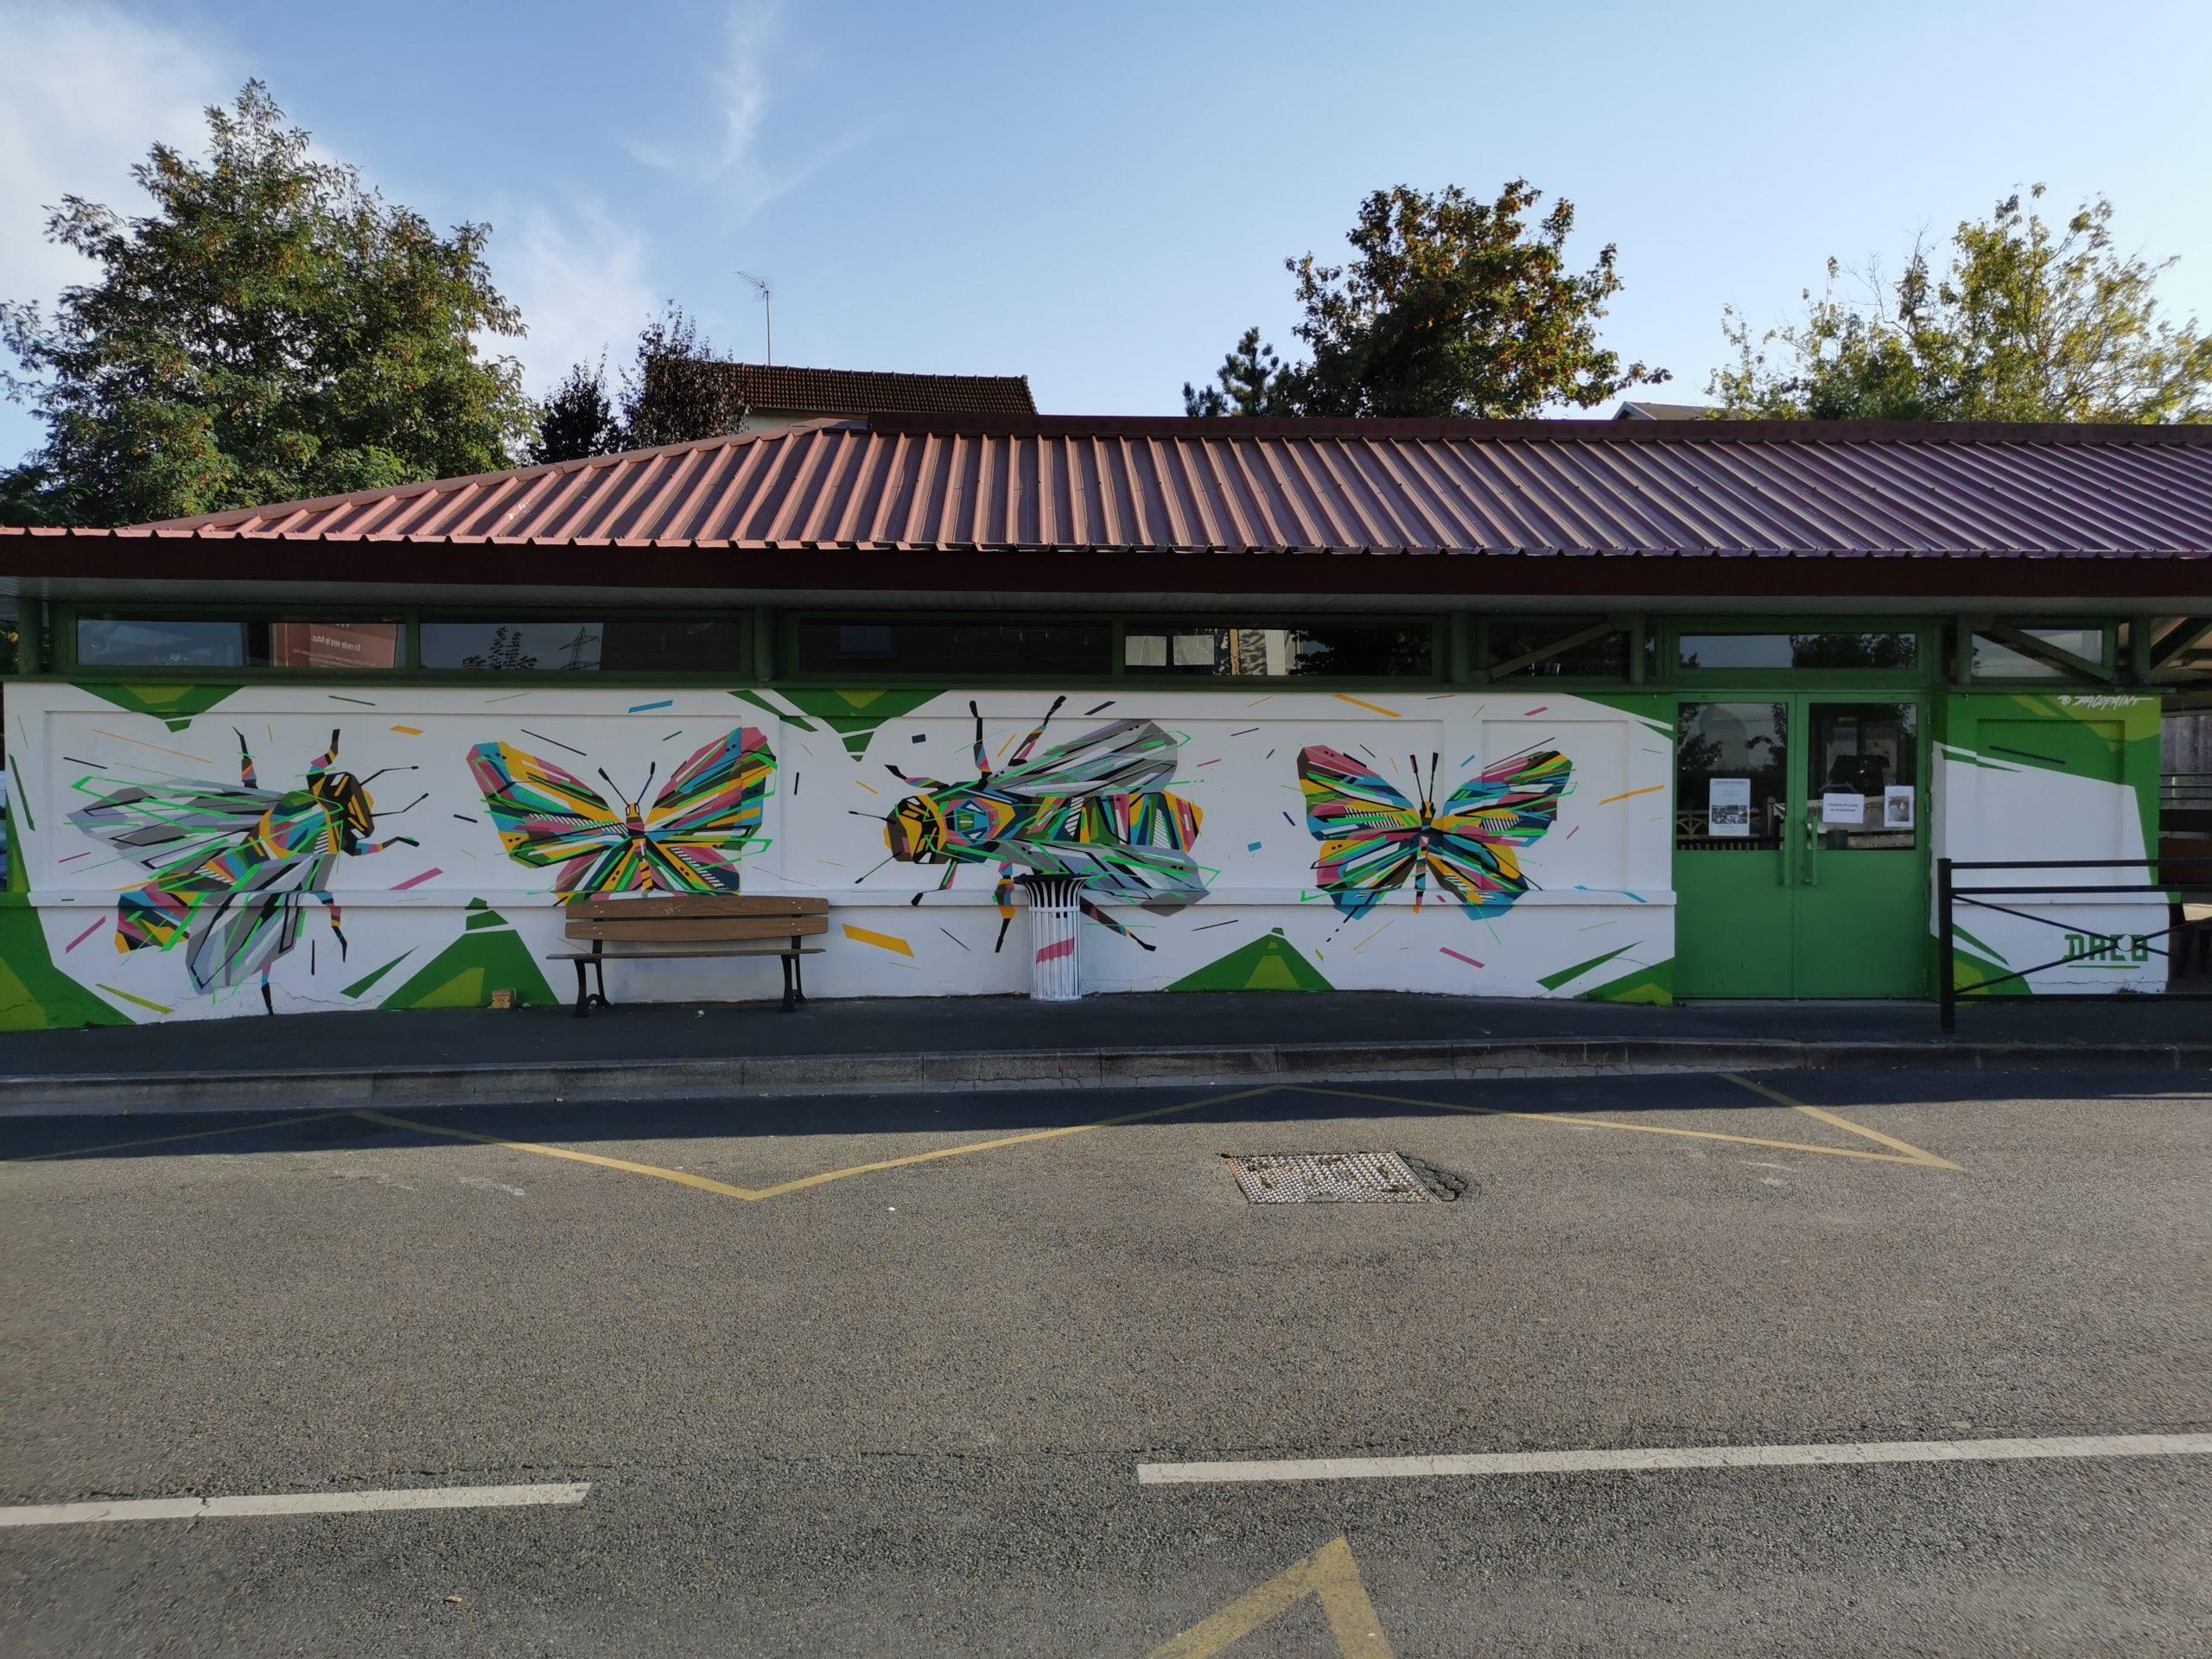 Fresque Graffaune Graffiti abeilles papillons réalisée par Daco